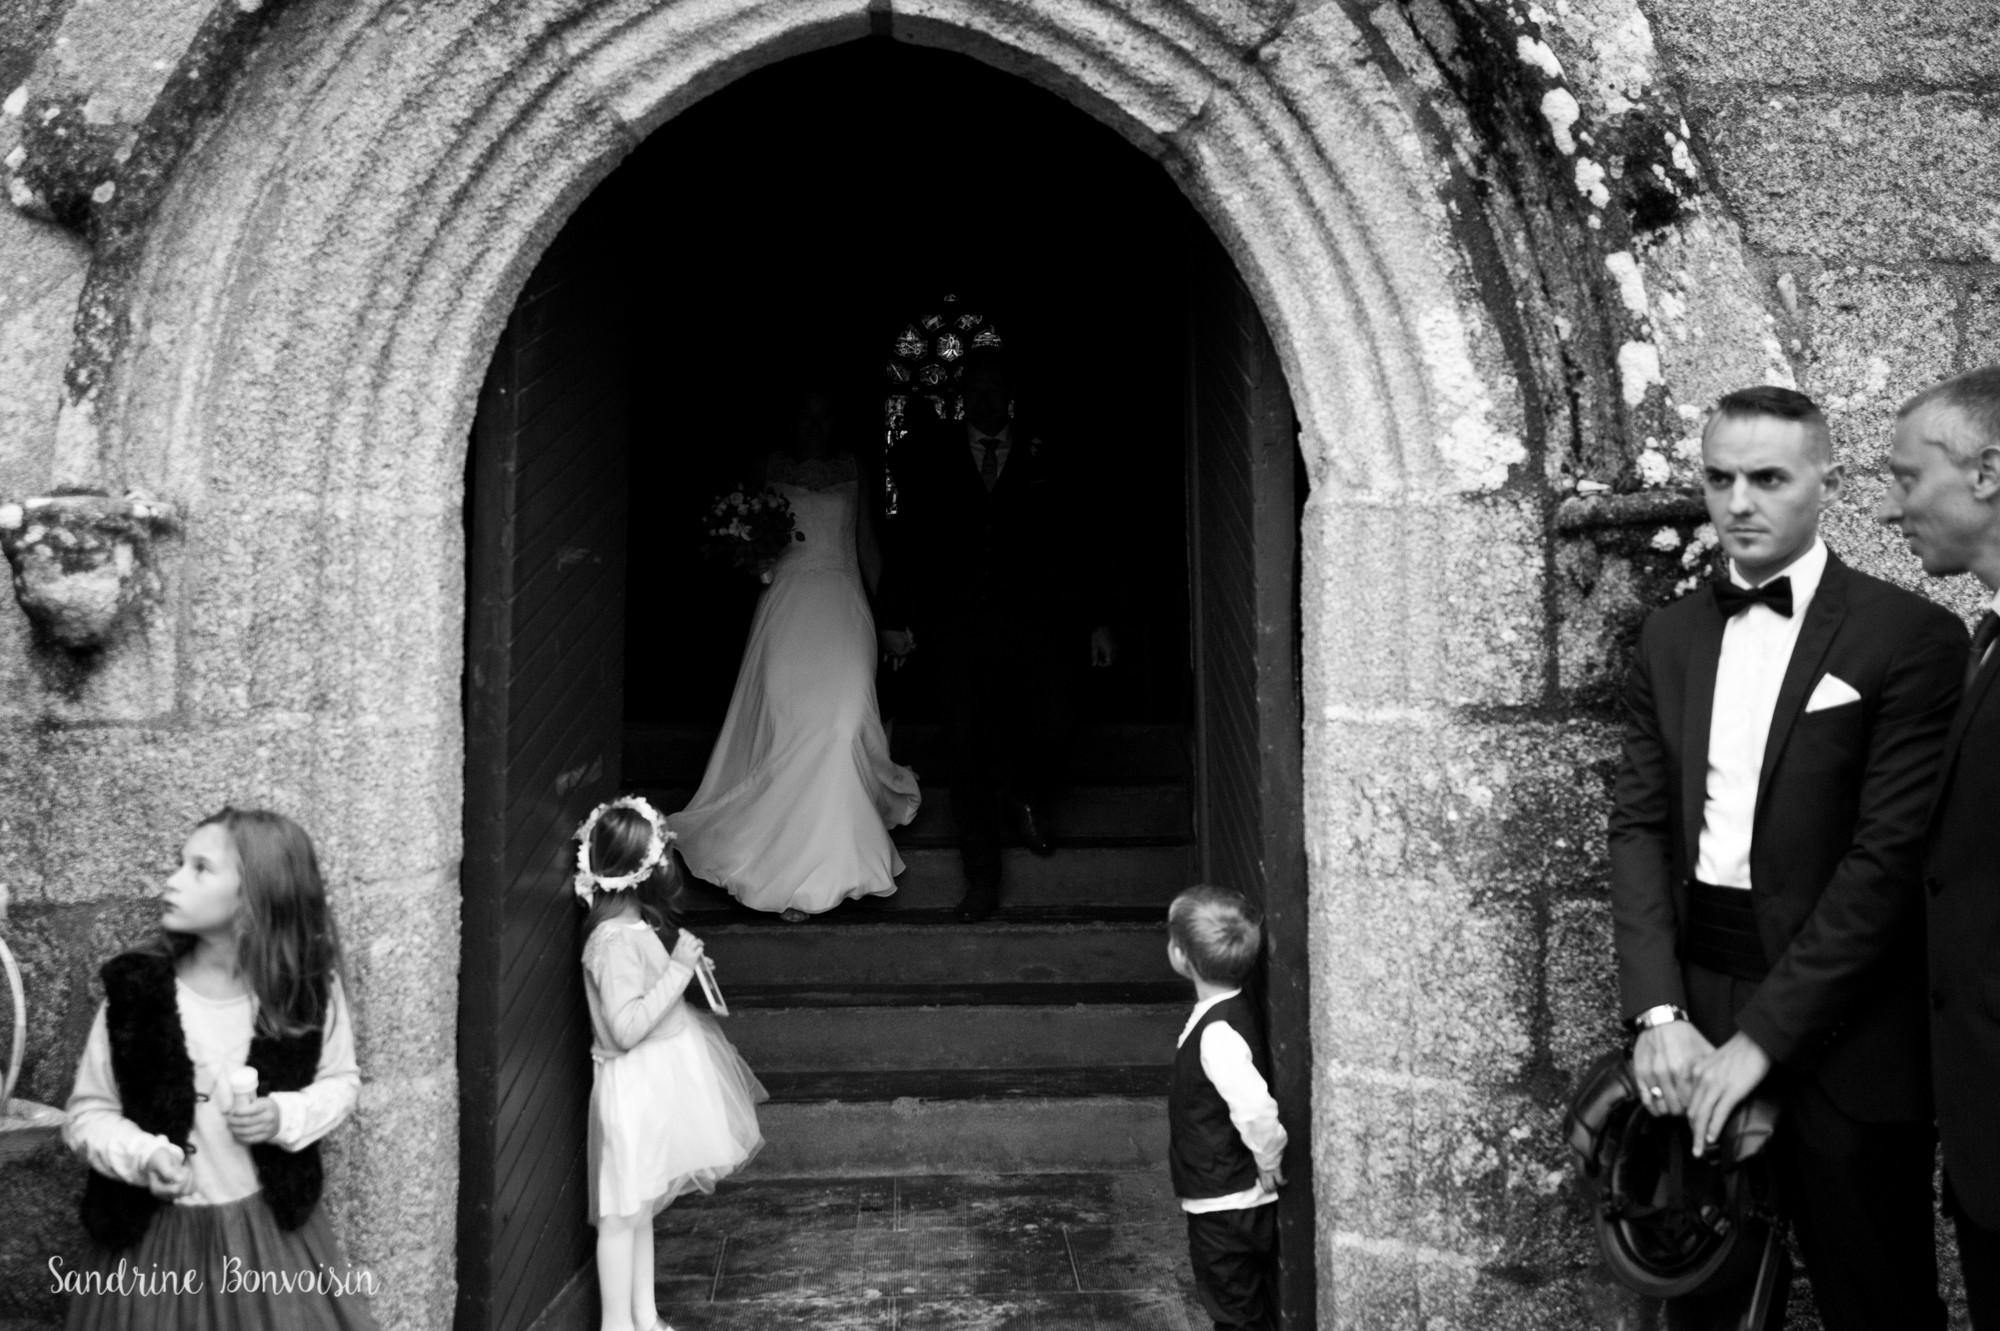 Mariage au Roudouic, Concarneau, d'Audrey & Grégory par Sandrine Bonvoisin, photographe de mariage en Bretagne sud, Morbihan, Nantes, Vannes, Lorient, Quimper, Rennes.